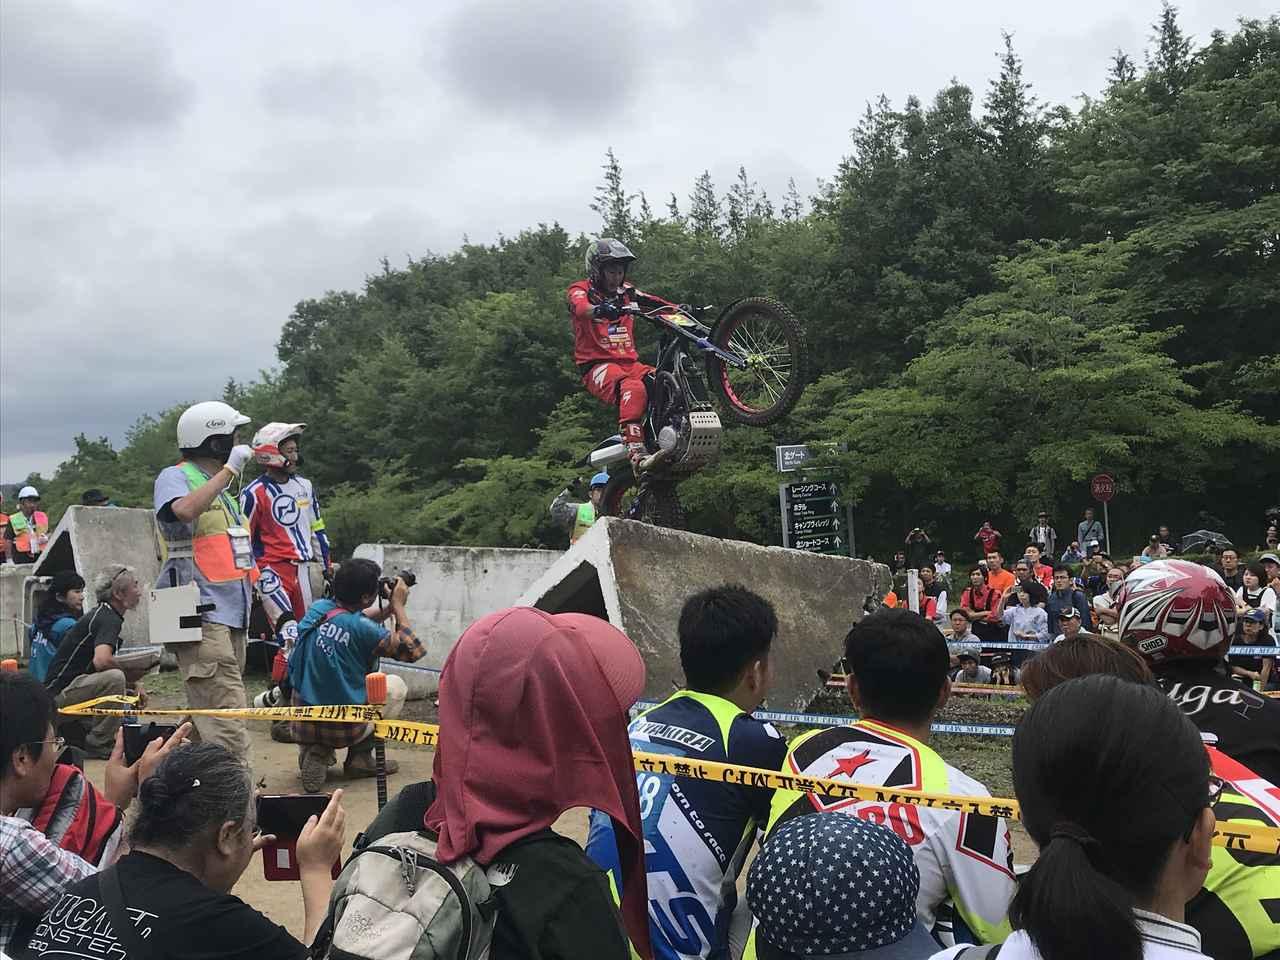 画像1: 6月22日の全日本ロードレースに引き続き、翌23日はツインリンクもてぎの全日本トライアルへ!